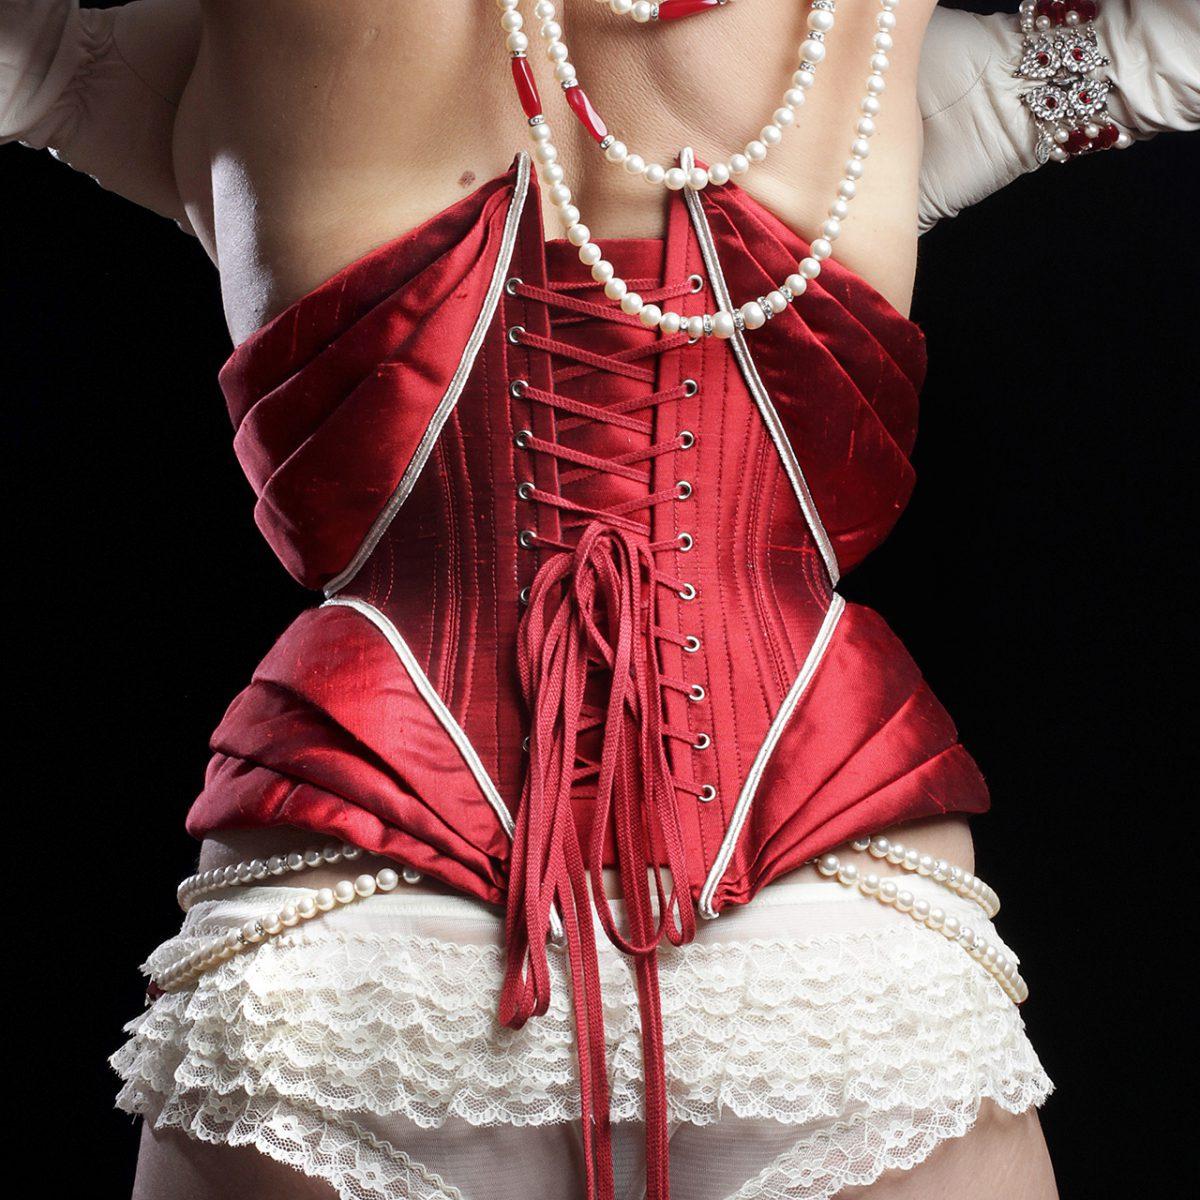 jacquette Histoire et renouveau du corset